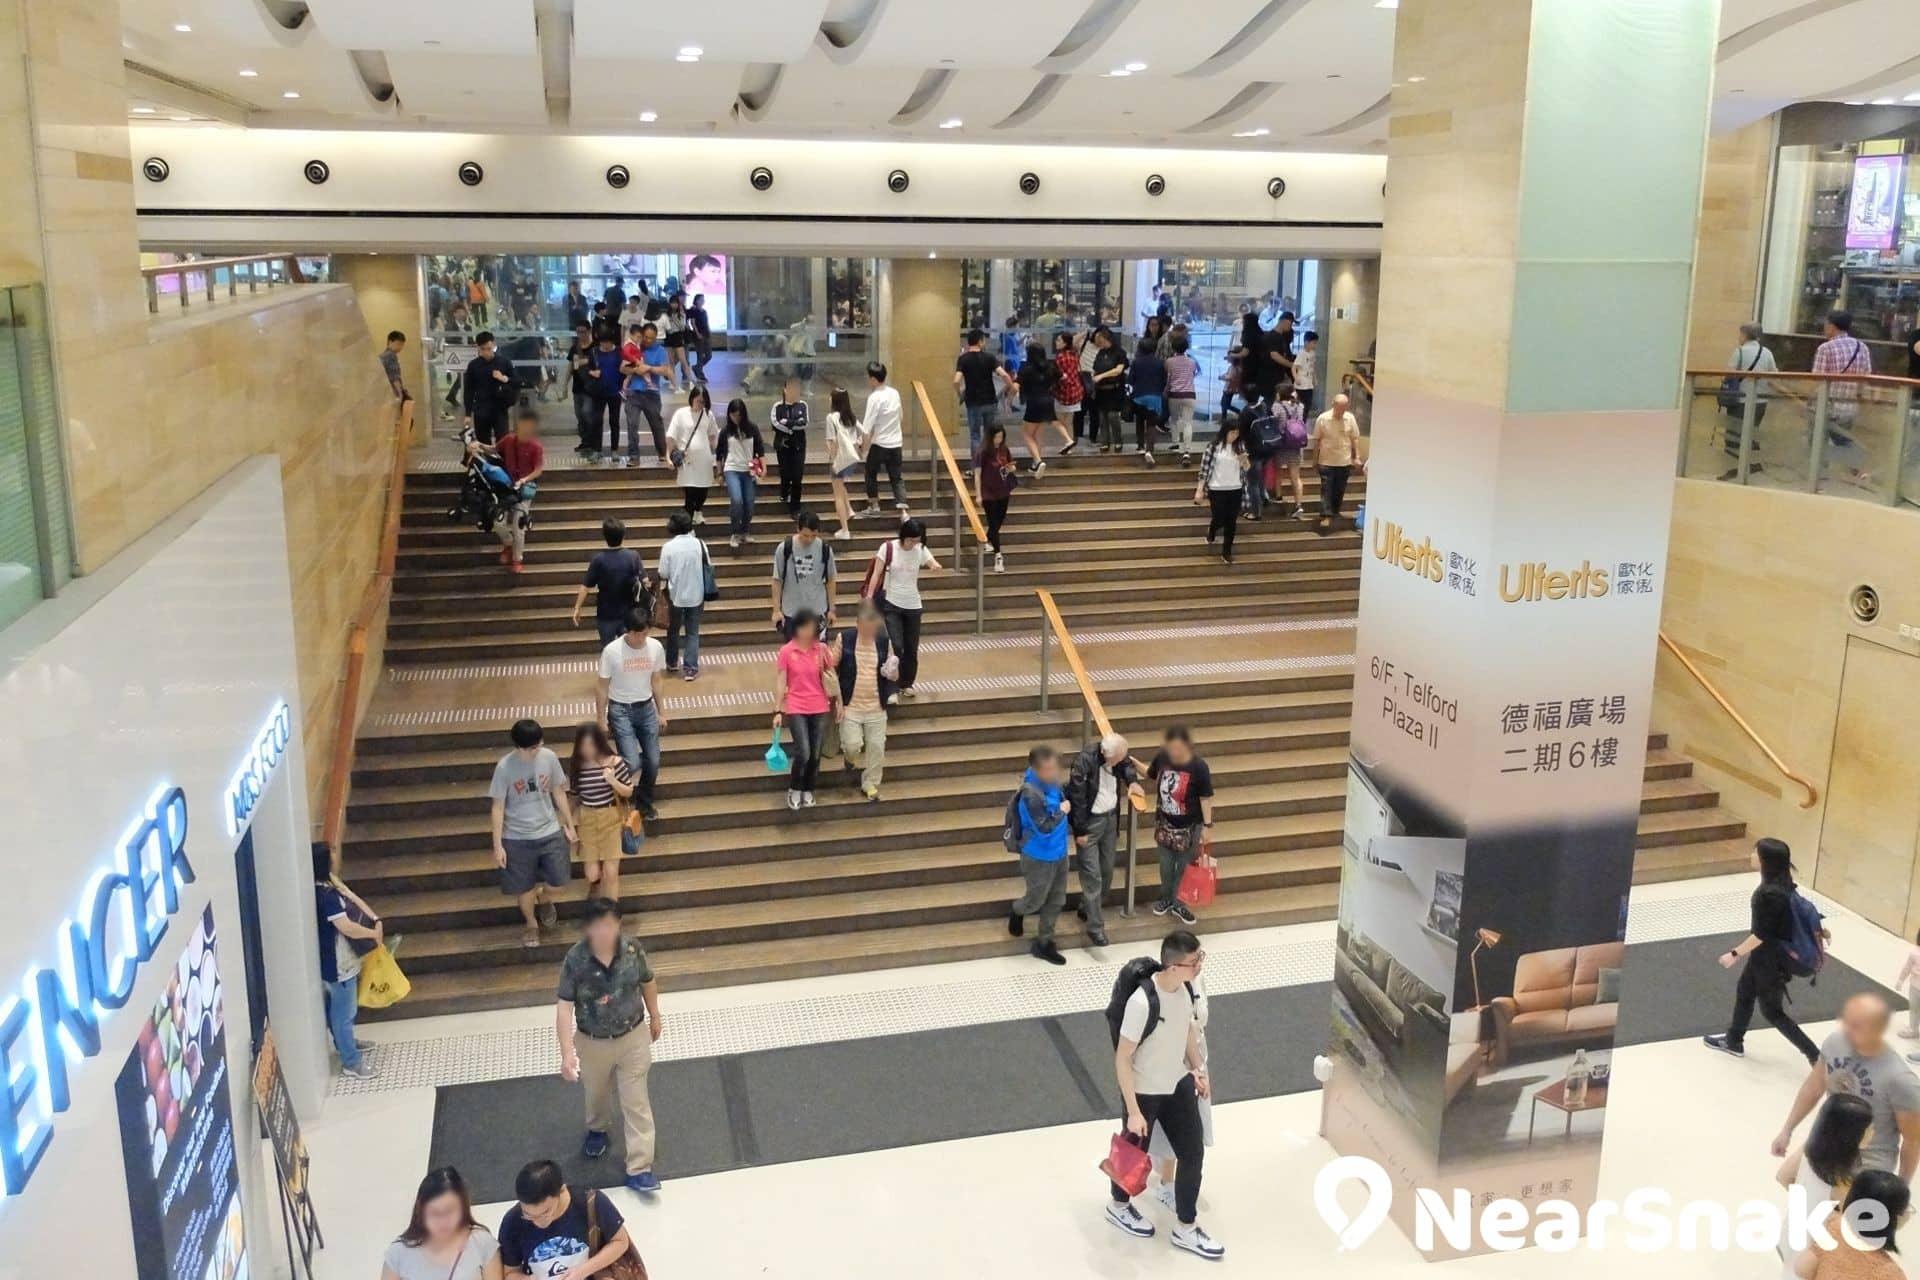 德福廣場一期•二期各具特色|德福廣場二期商店林立|德福廣場戲院翻新升級|德福廣場地鐵出口:A或C|NearSnake.com